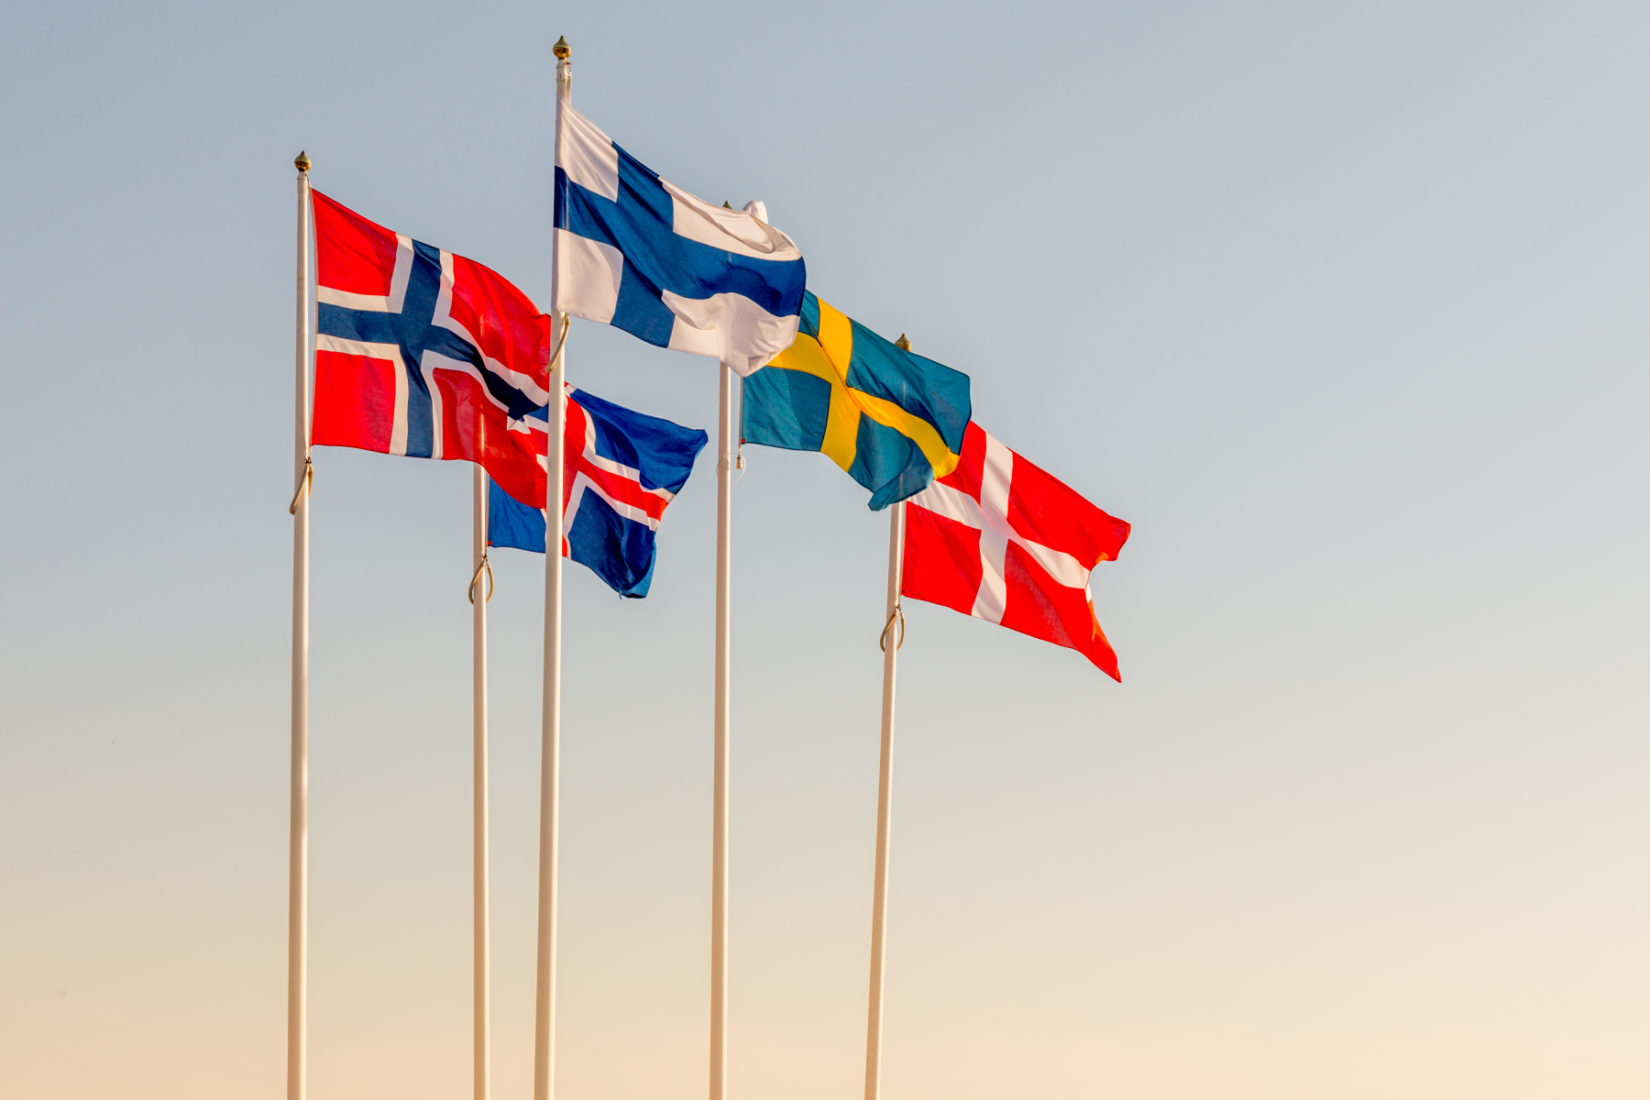 Flaggstänger med de fem nordiska flaggorna